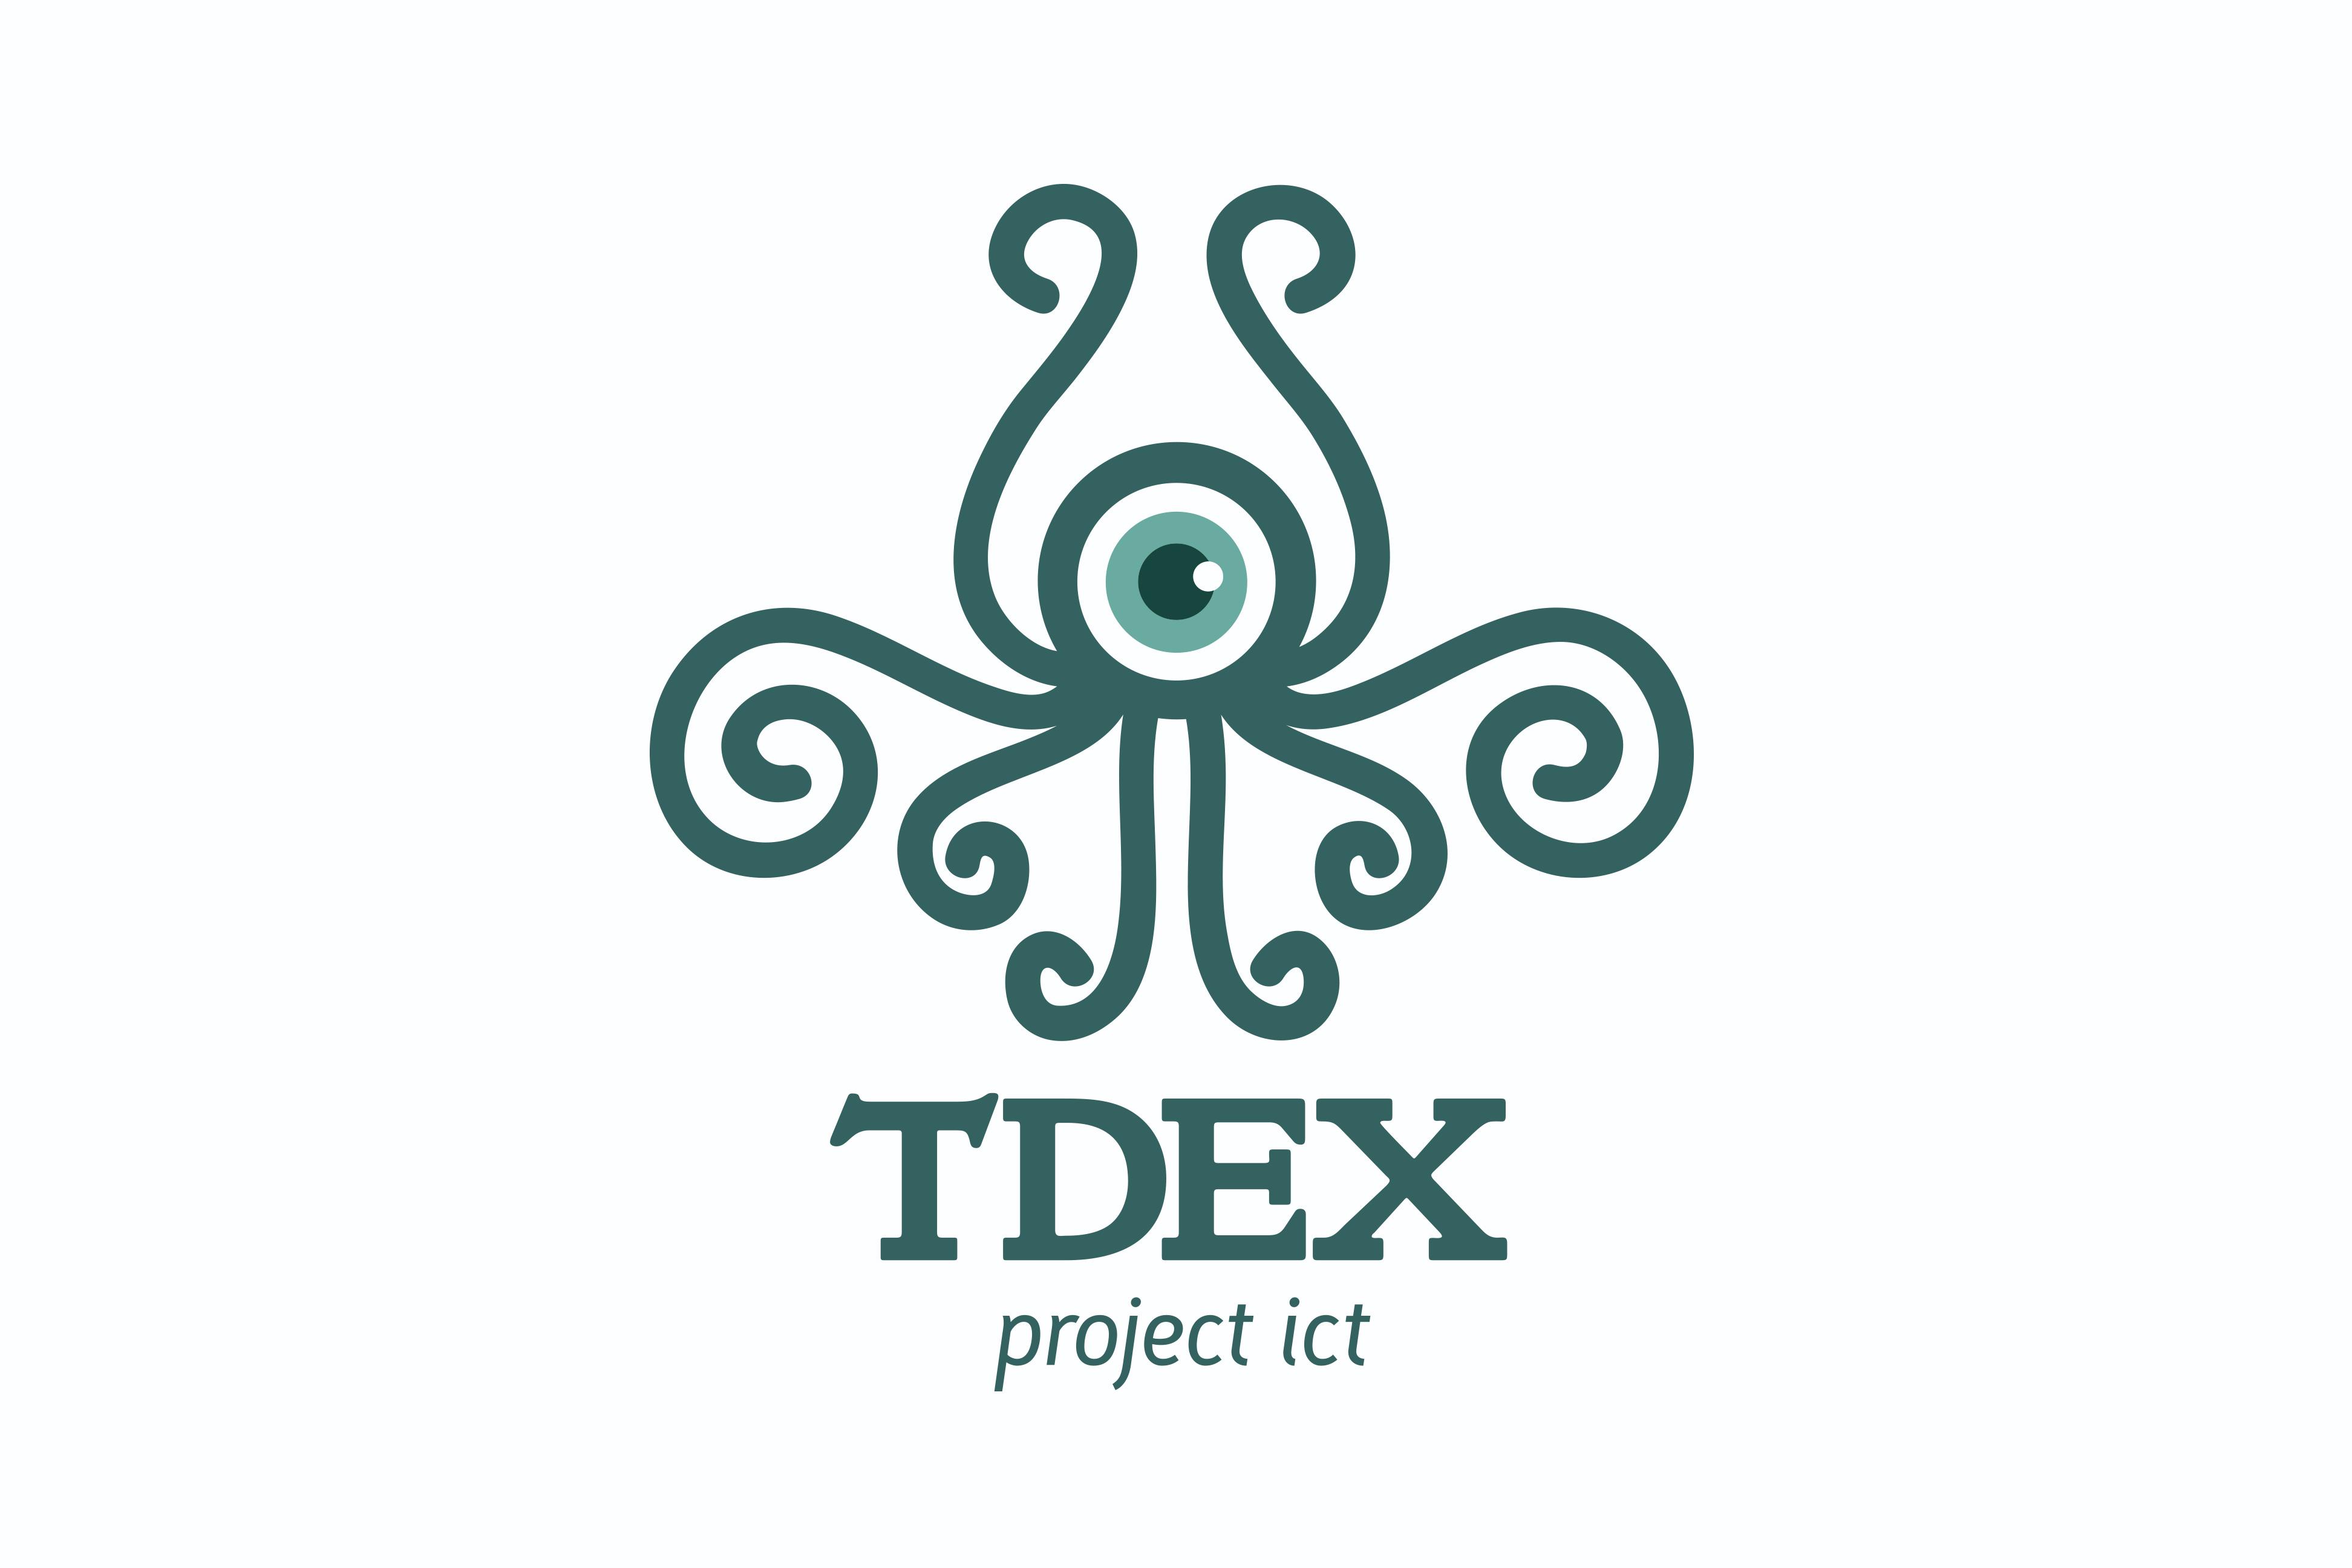 TDEX_WEB_LOGO